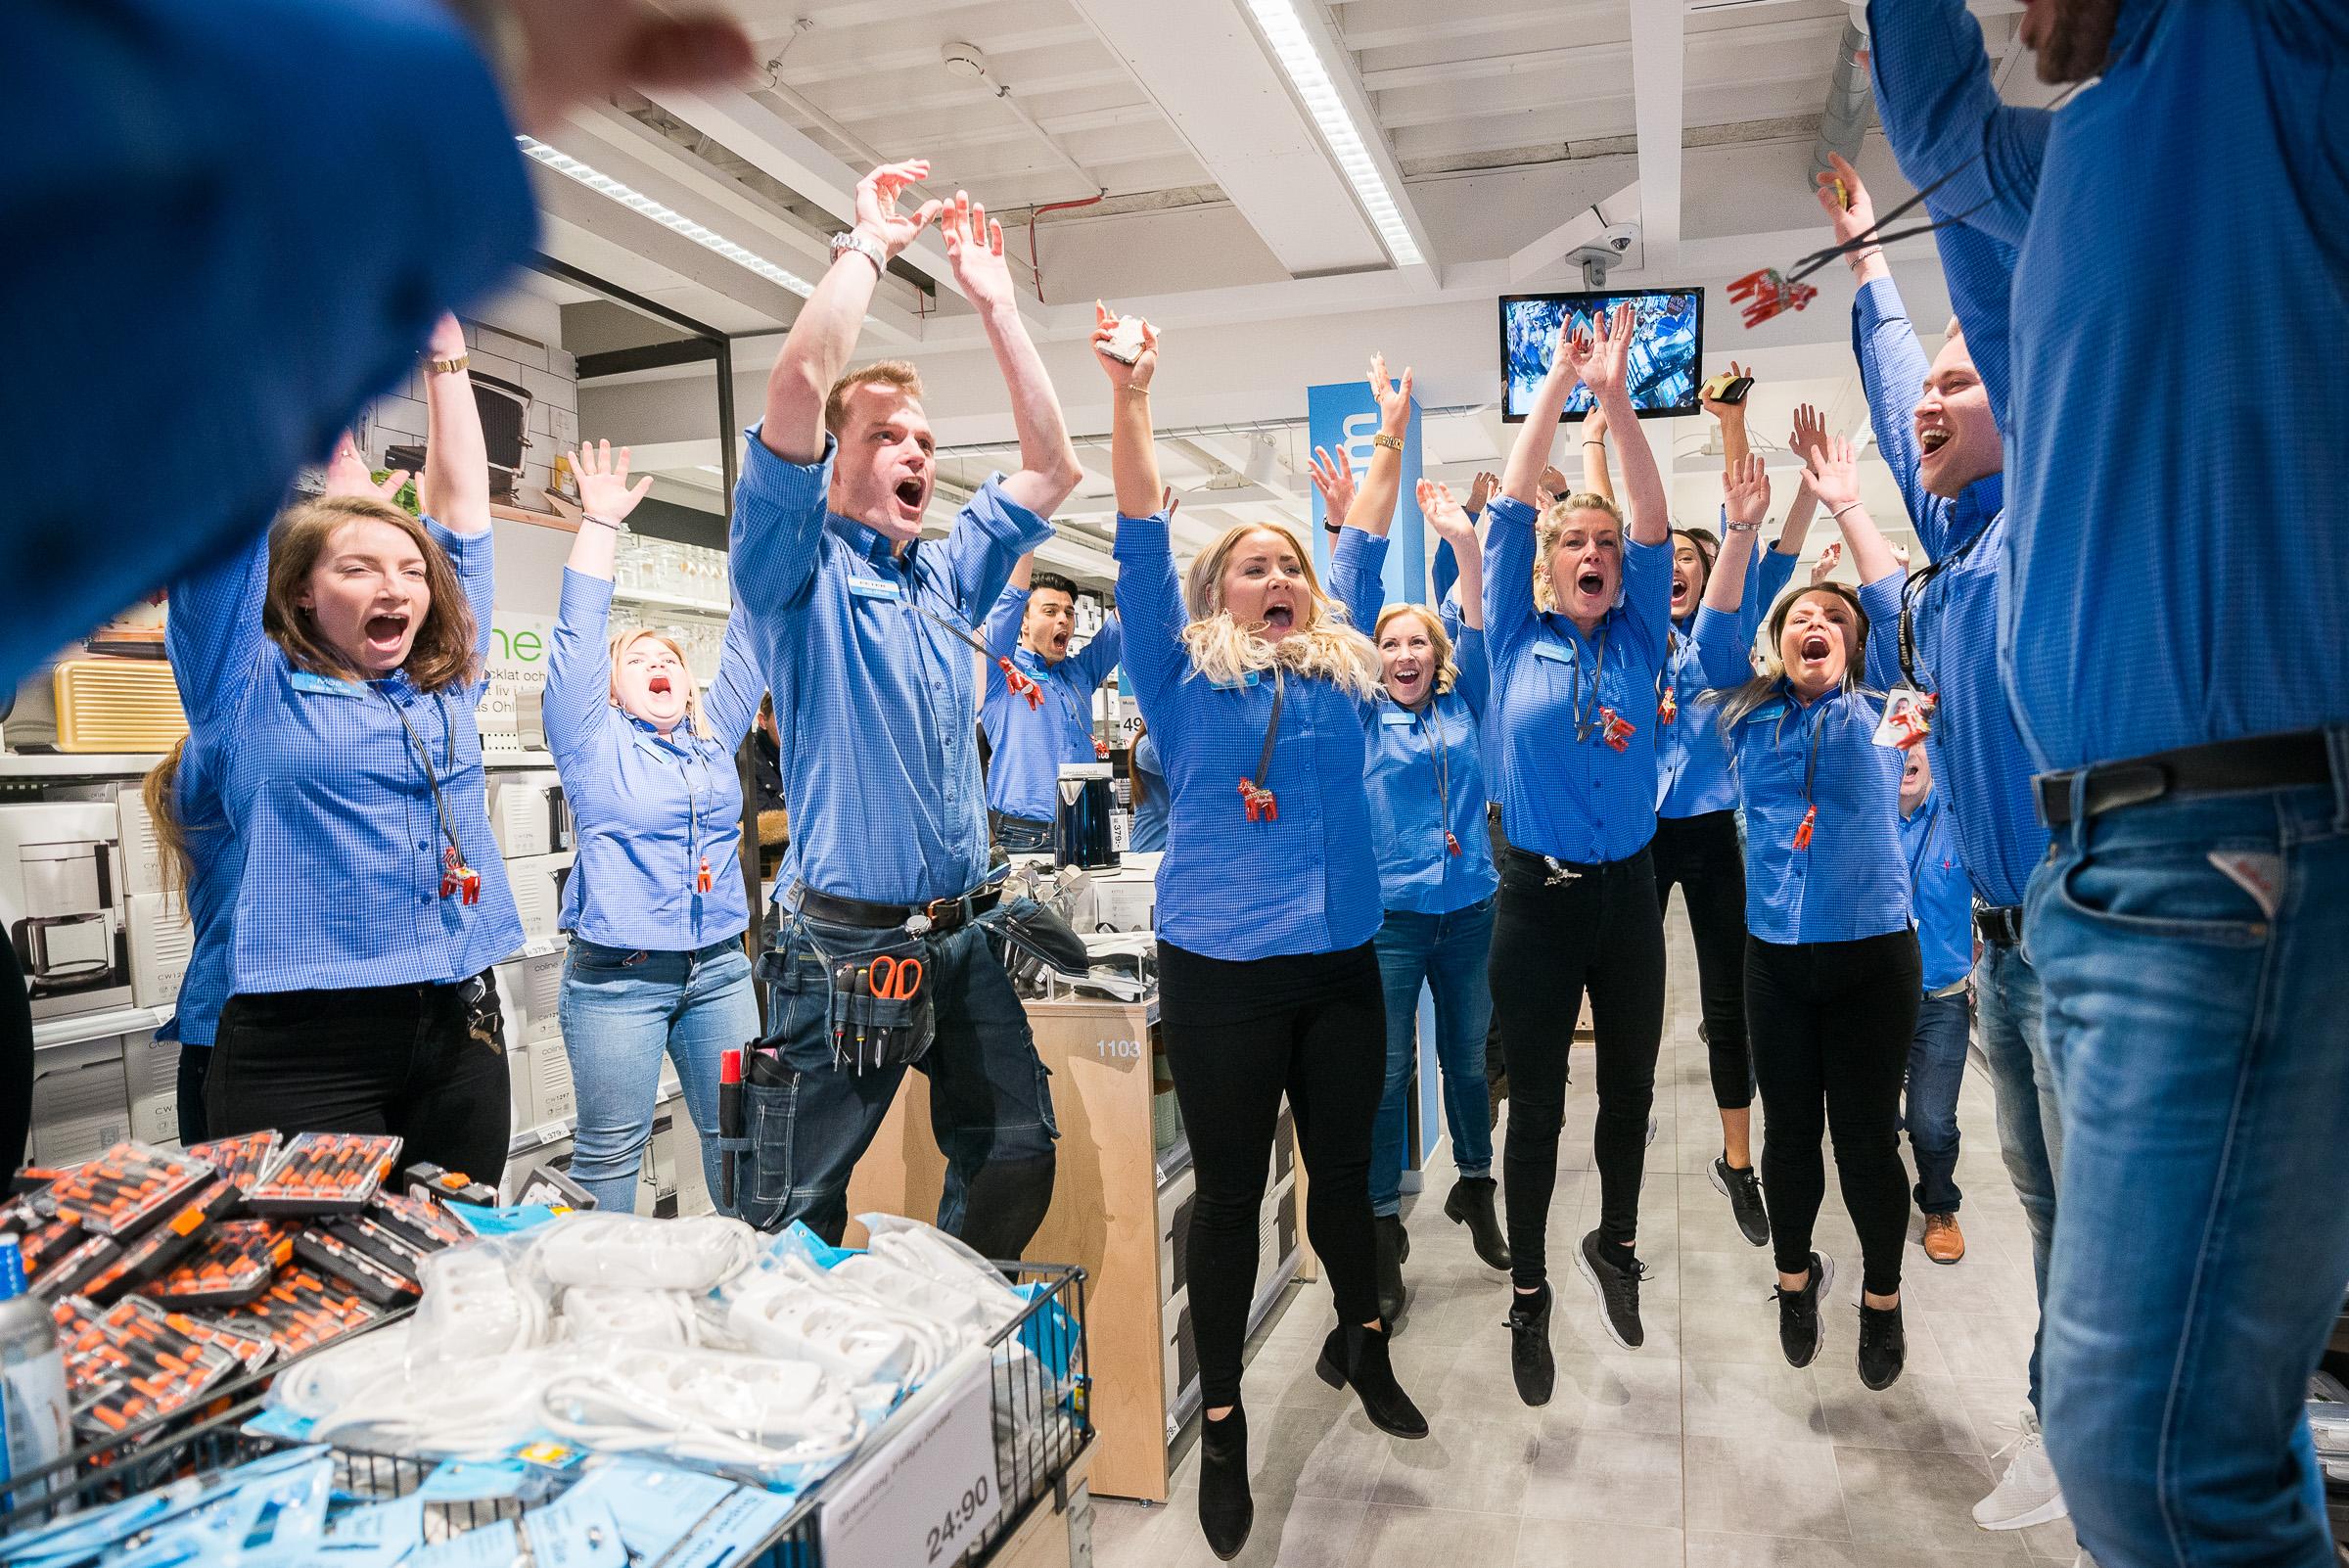 Liten Kastrull Clas Ohlson ~ Clas Ohlsonöppnade idag ny butik iängelholm about clasohlson com